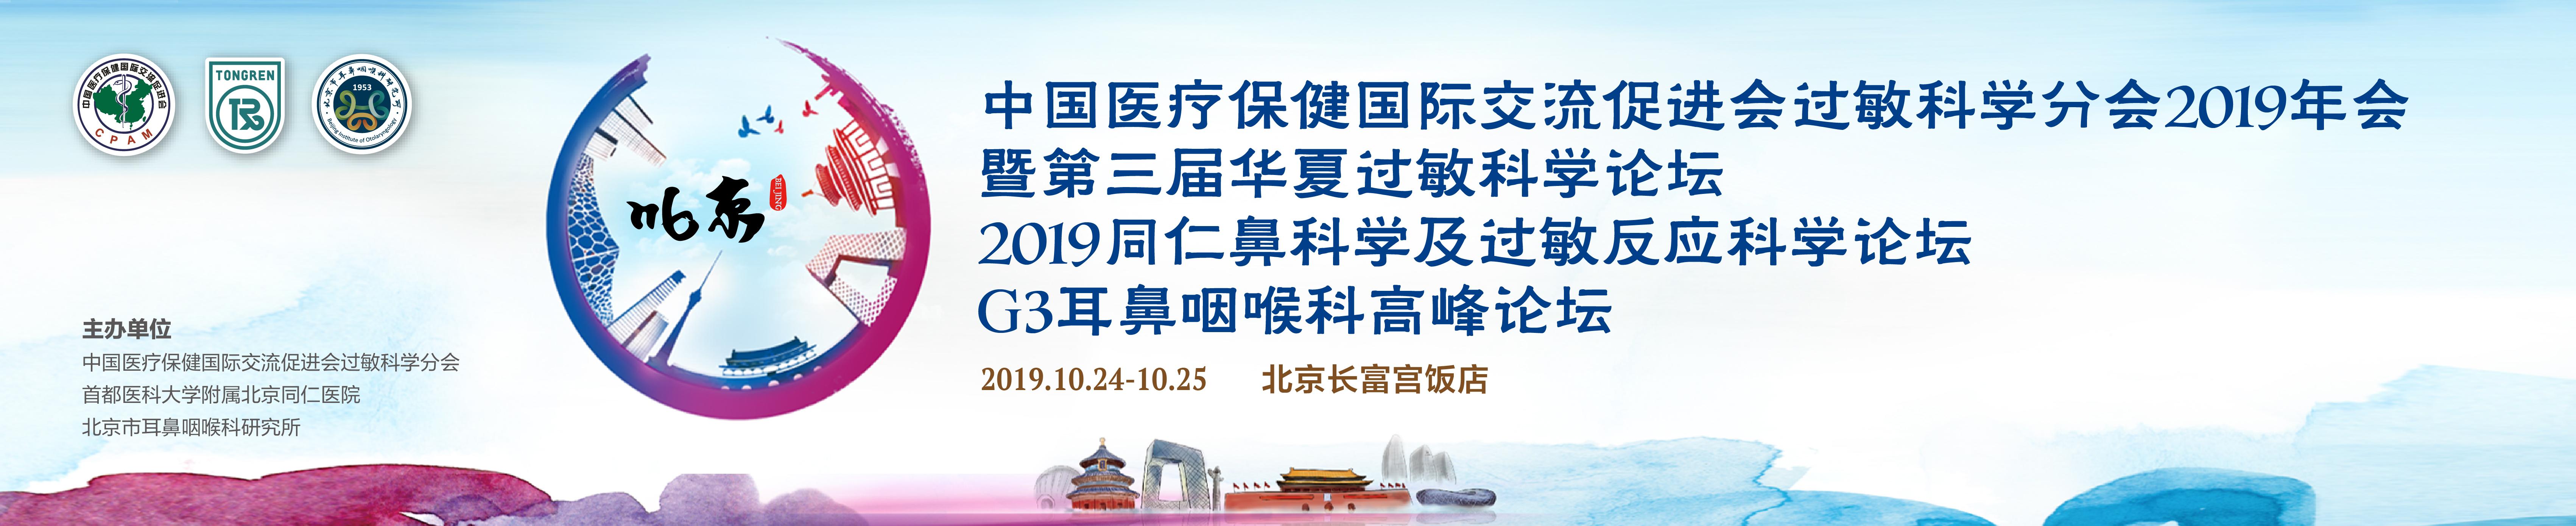 中国医疗保健国际交流促进会过敏科学分会2019年会